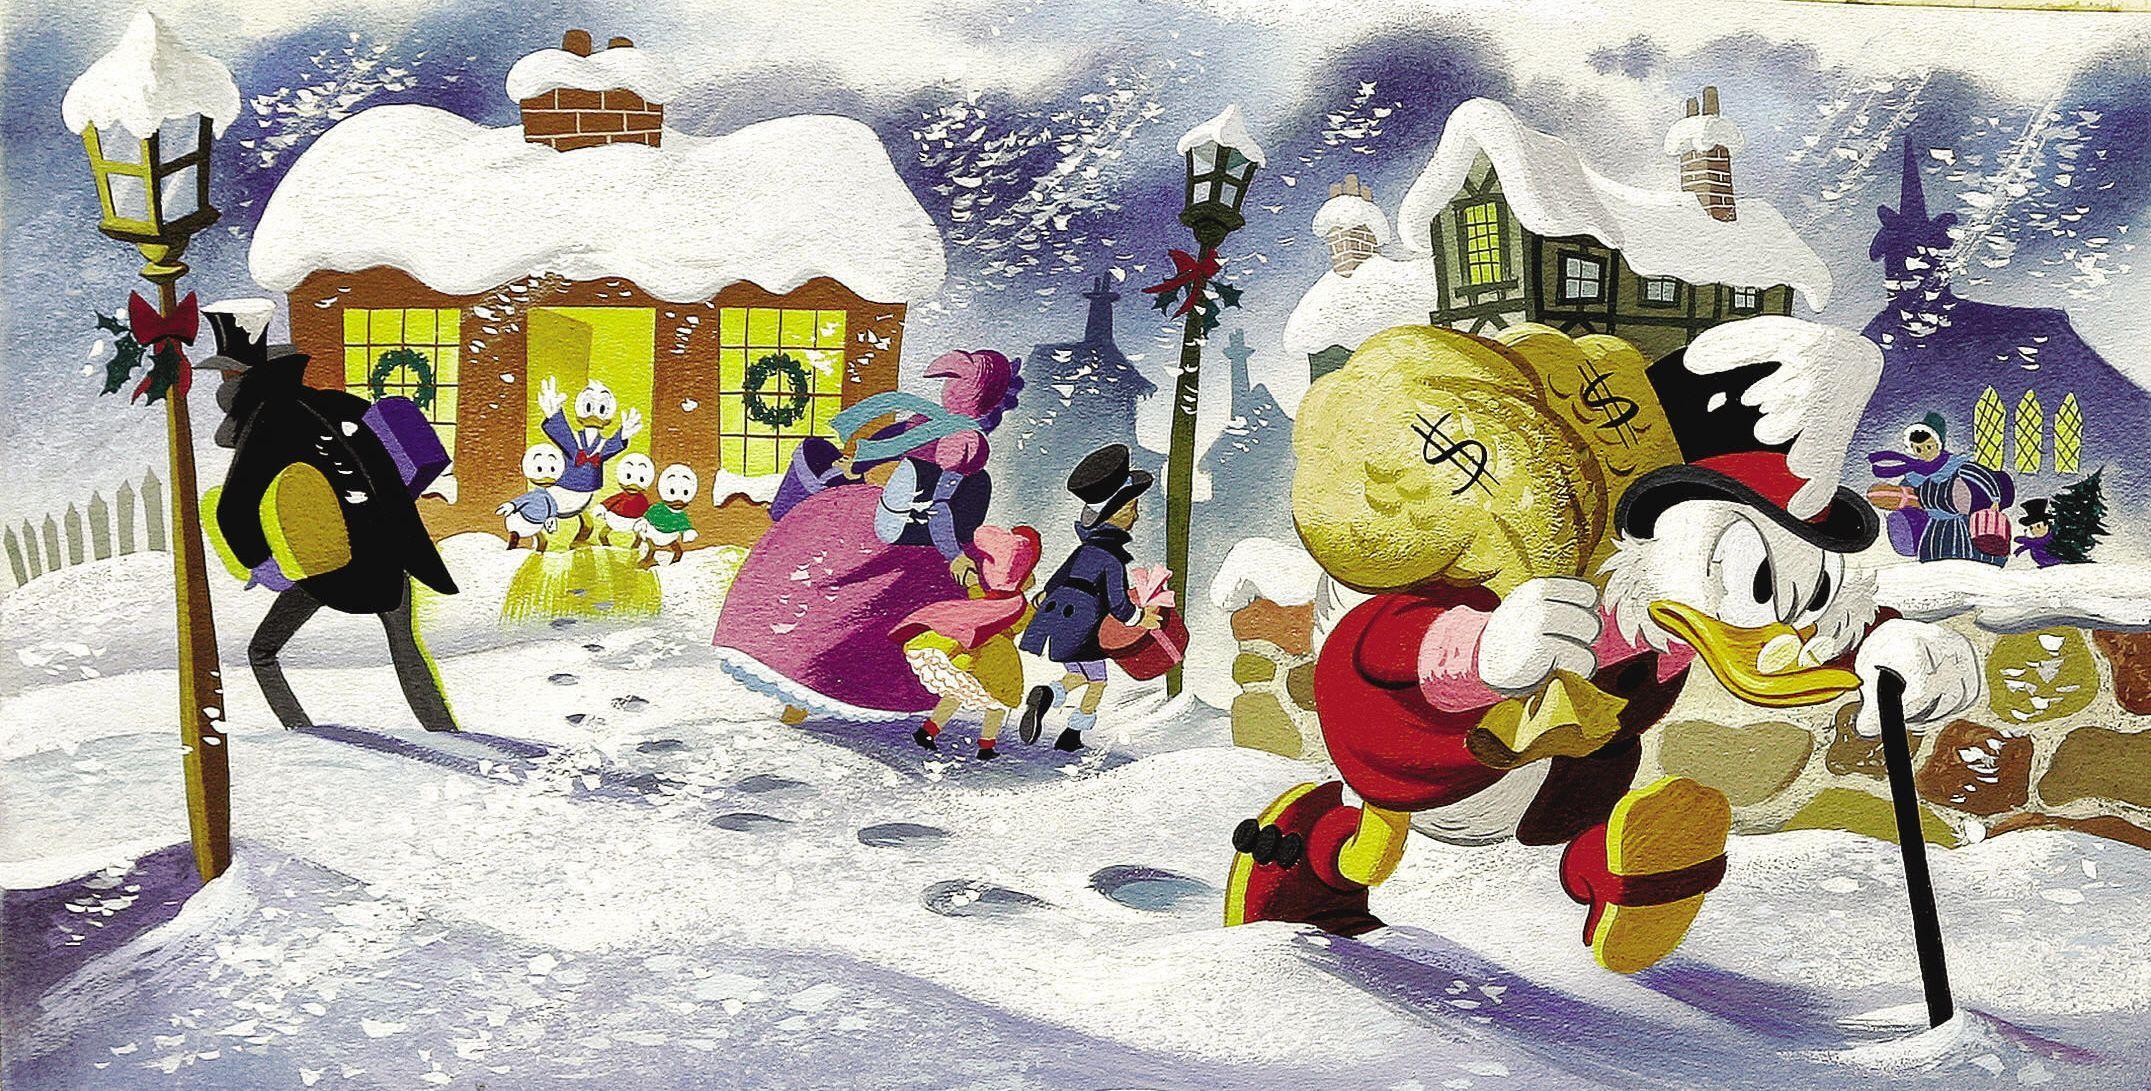 Scrooge Mcduck Wallpaper